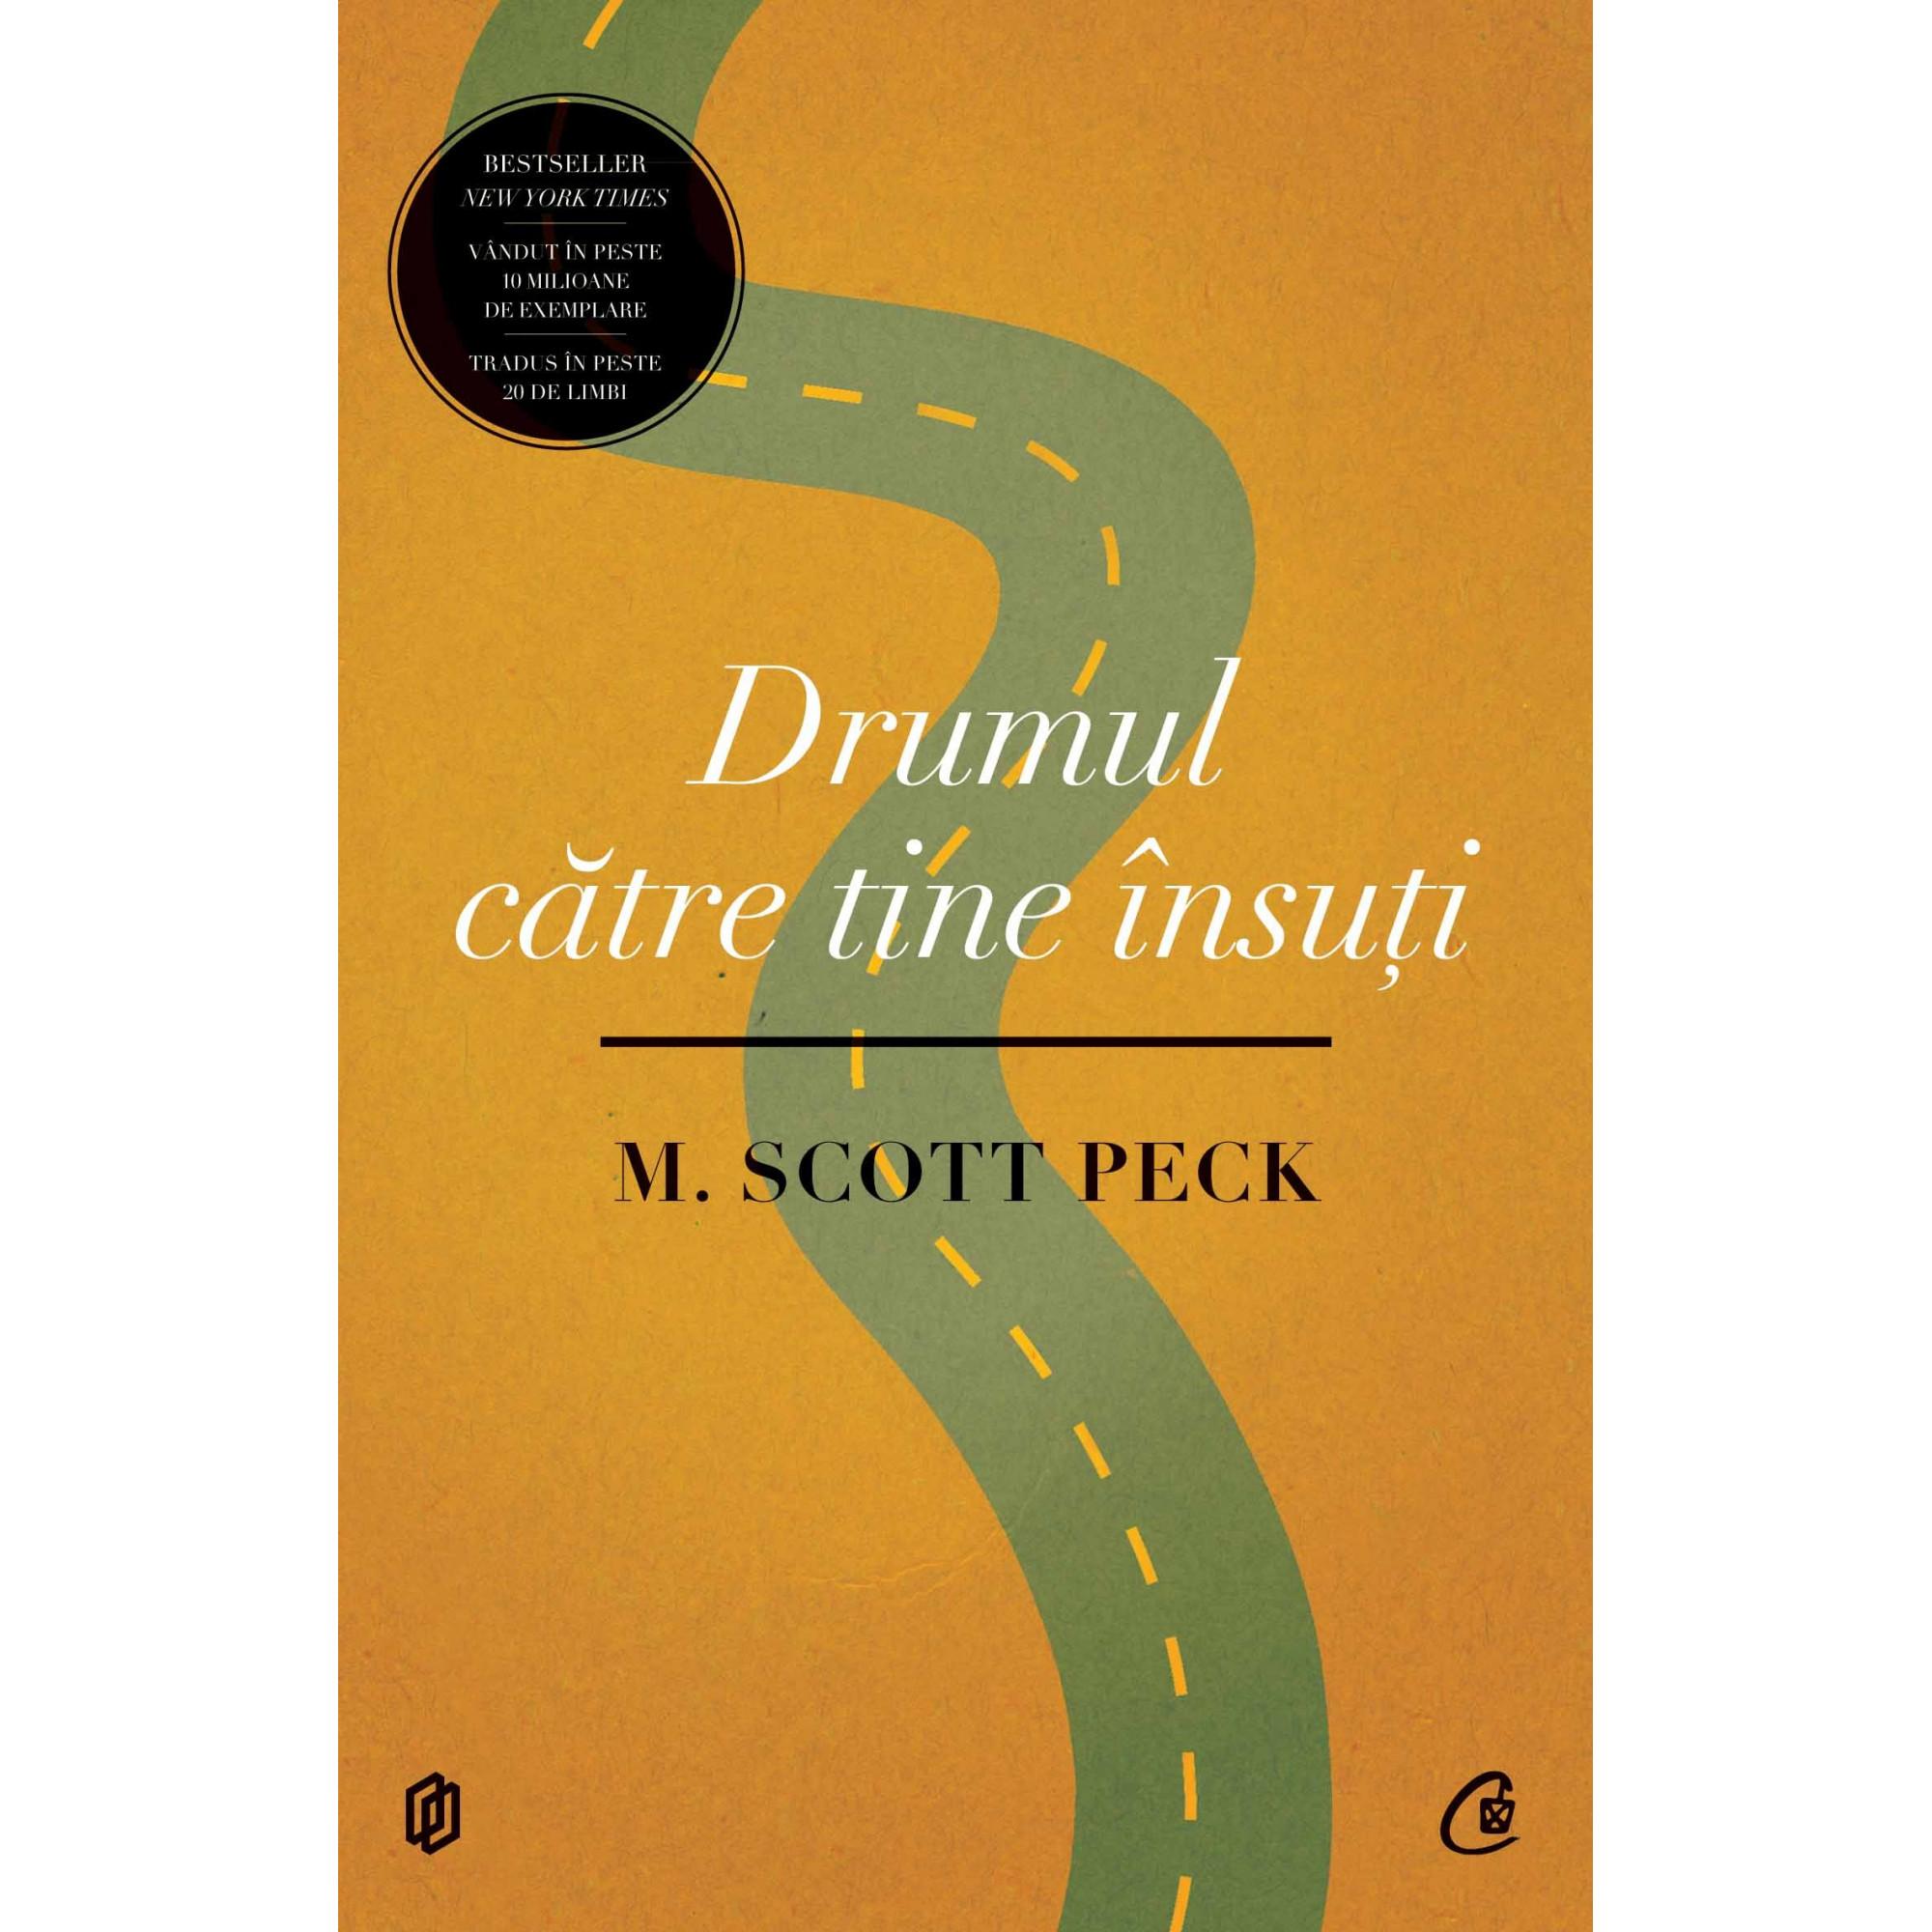 Drumul către tine însuţi. Ediţia a III-a, revizuită; M. Scott Peck